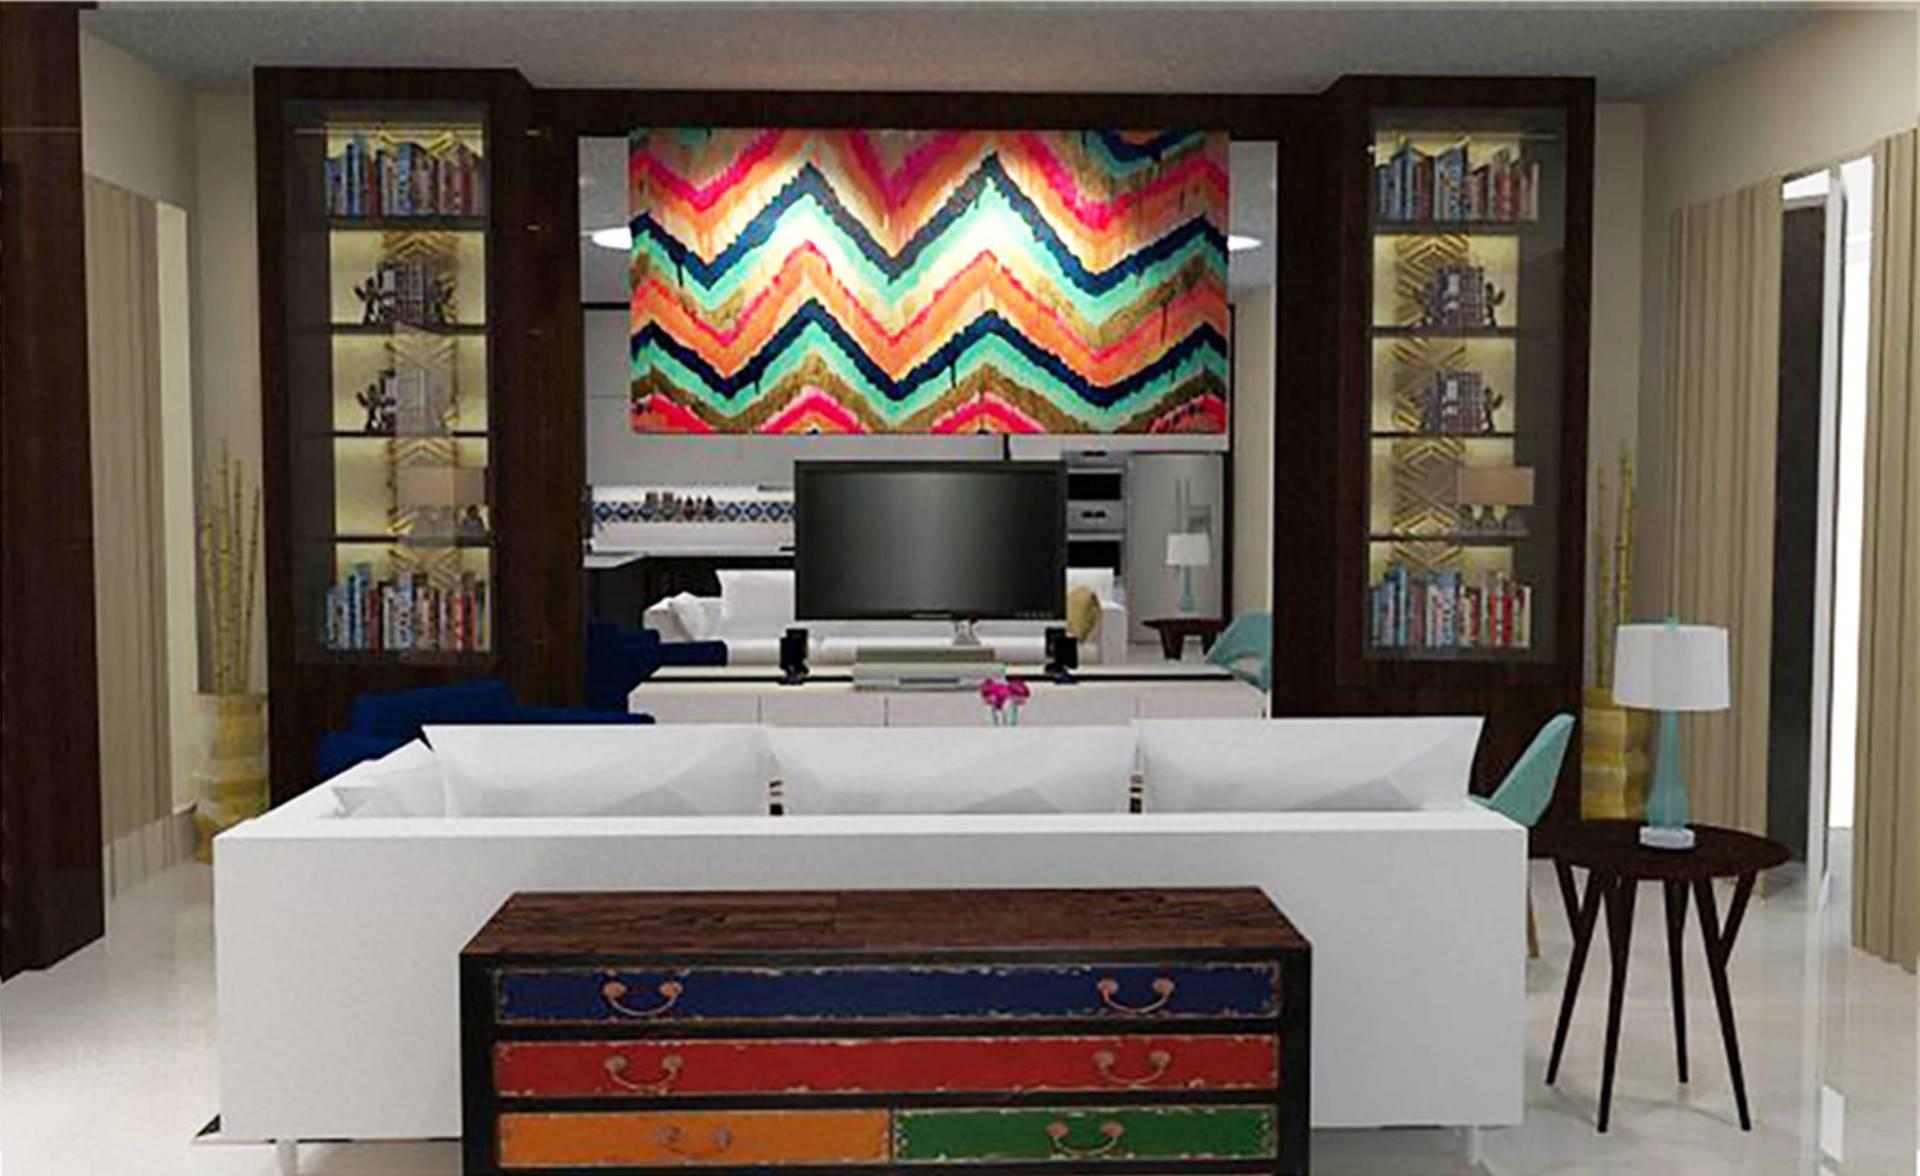 Tms Creative Royale Hills Puri Mutiara Kemang, South Jakarta Puri Mutiara Kemang, South Jakarta Living Room Kontemporer  2159